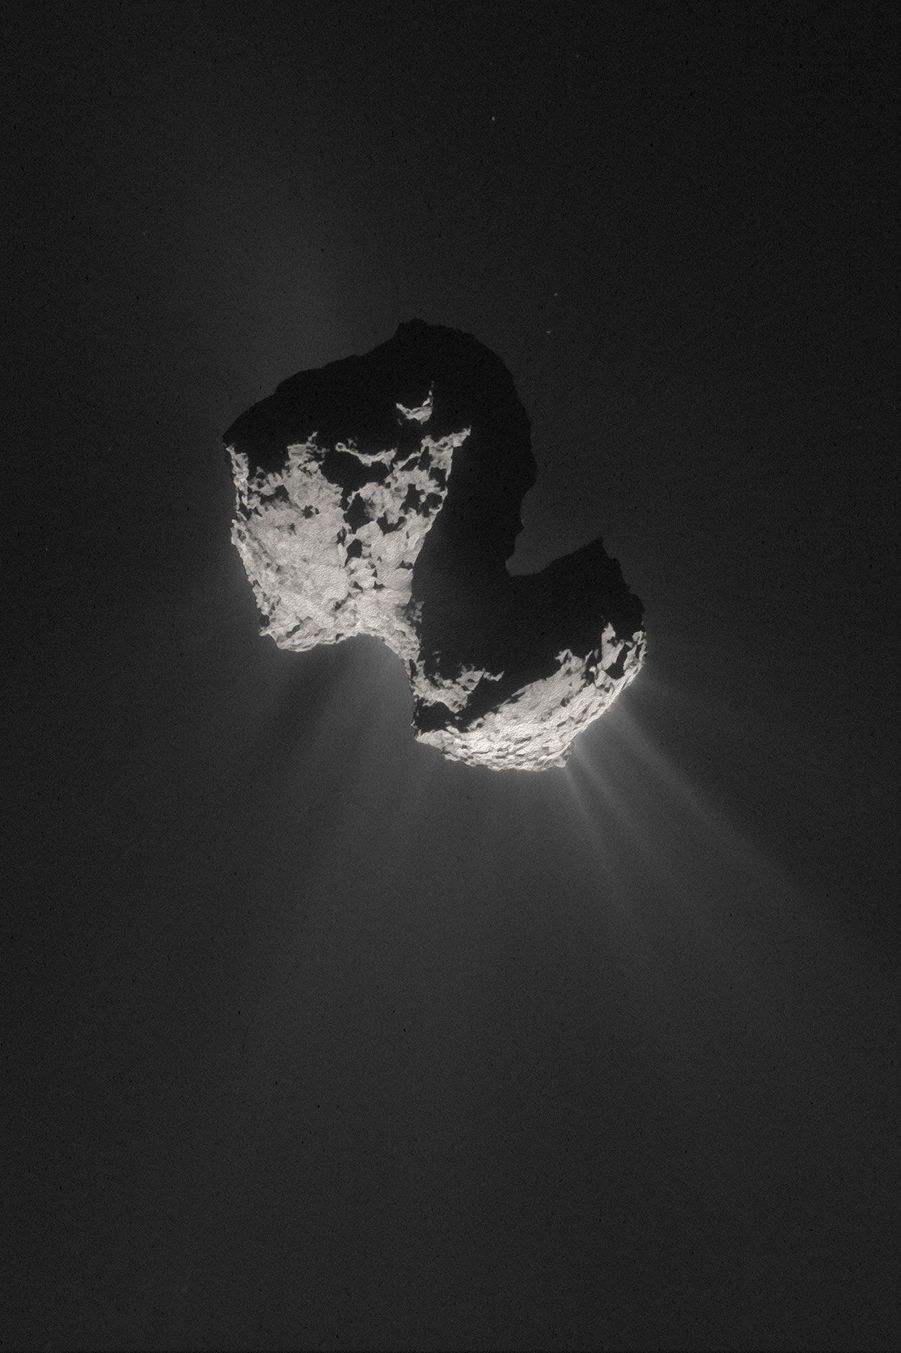 La comète 67P/Churyumov-Gerasimenko (Tchouri)